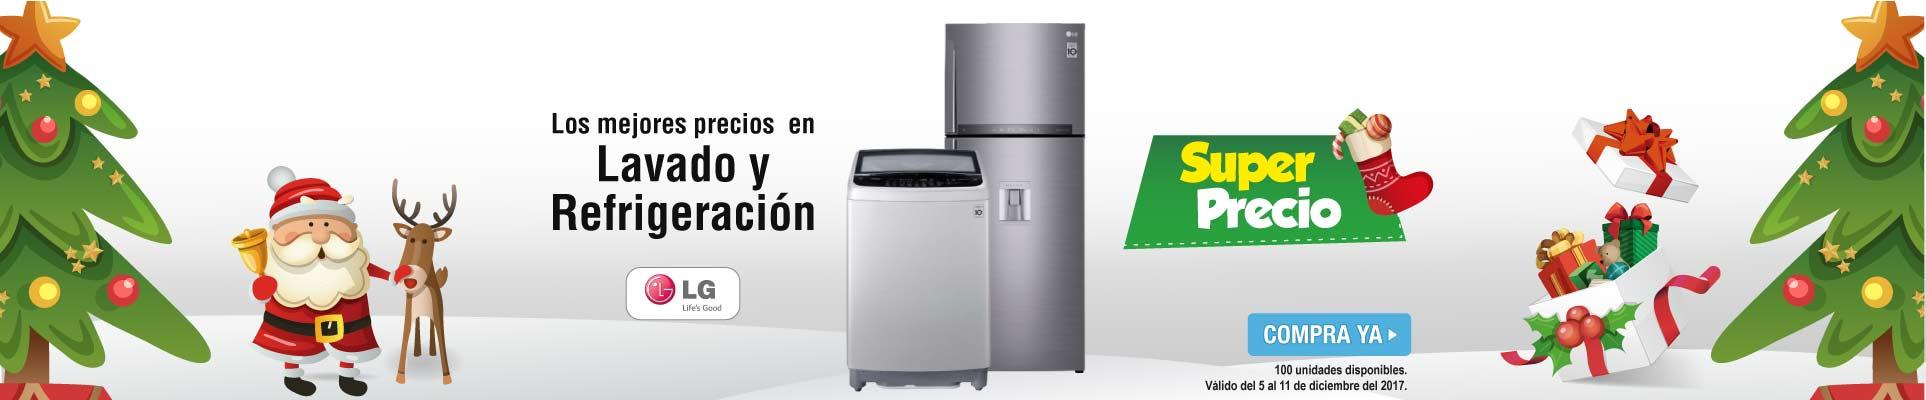 PPAL ALKP-5-lb-lavado y refrigeración LG-cat-diciembre5-11-marcas